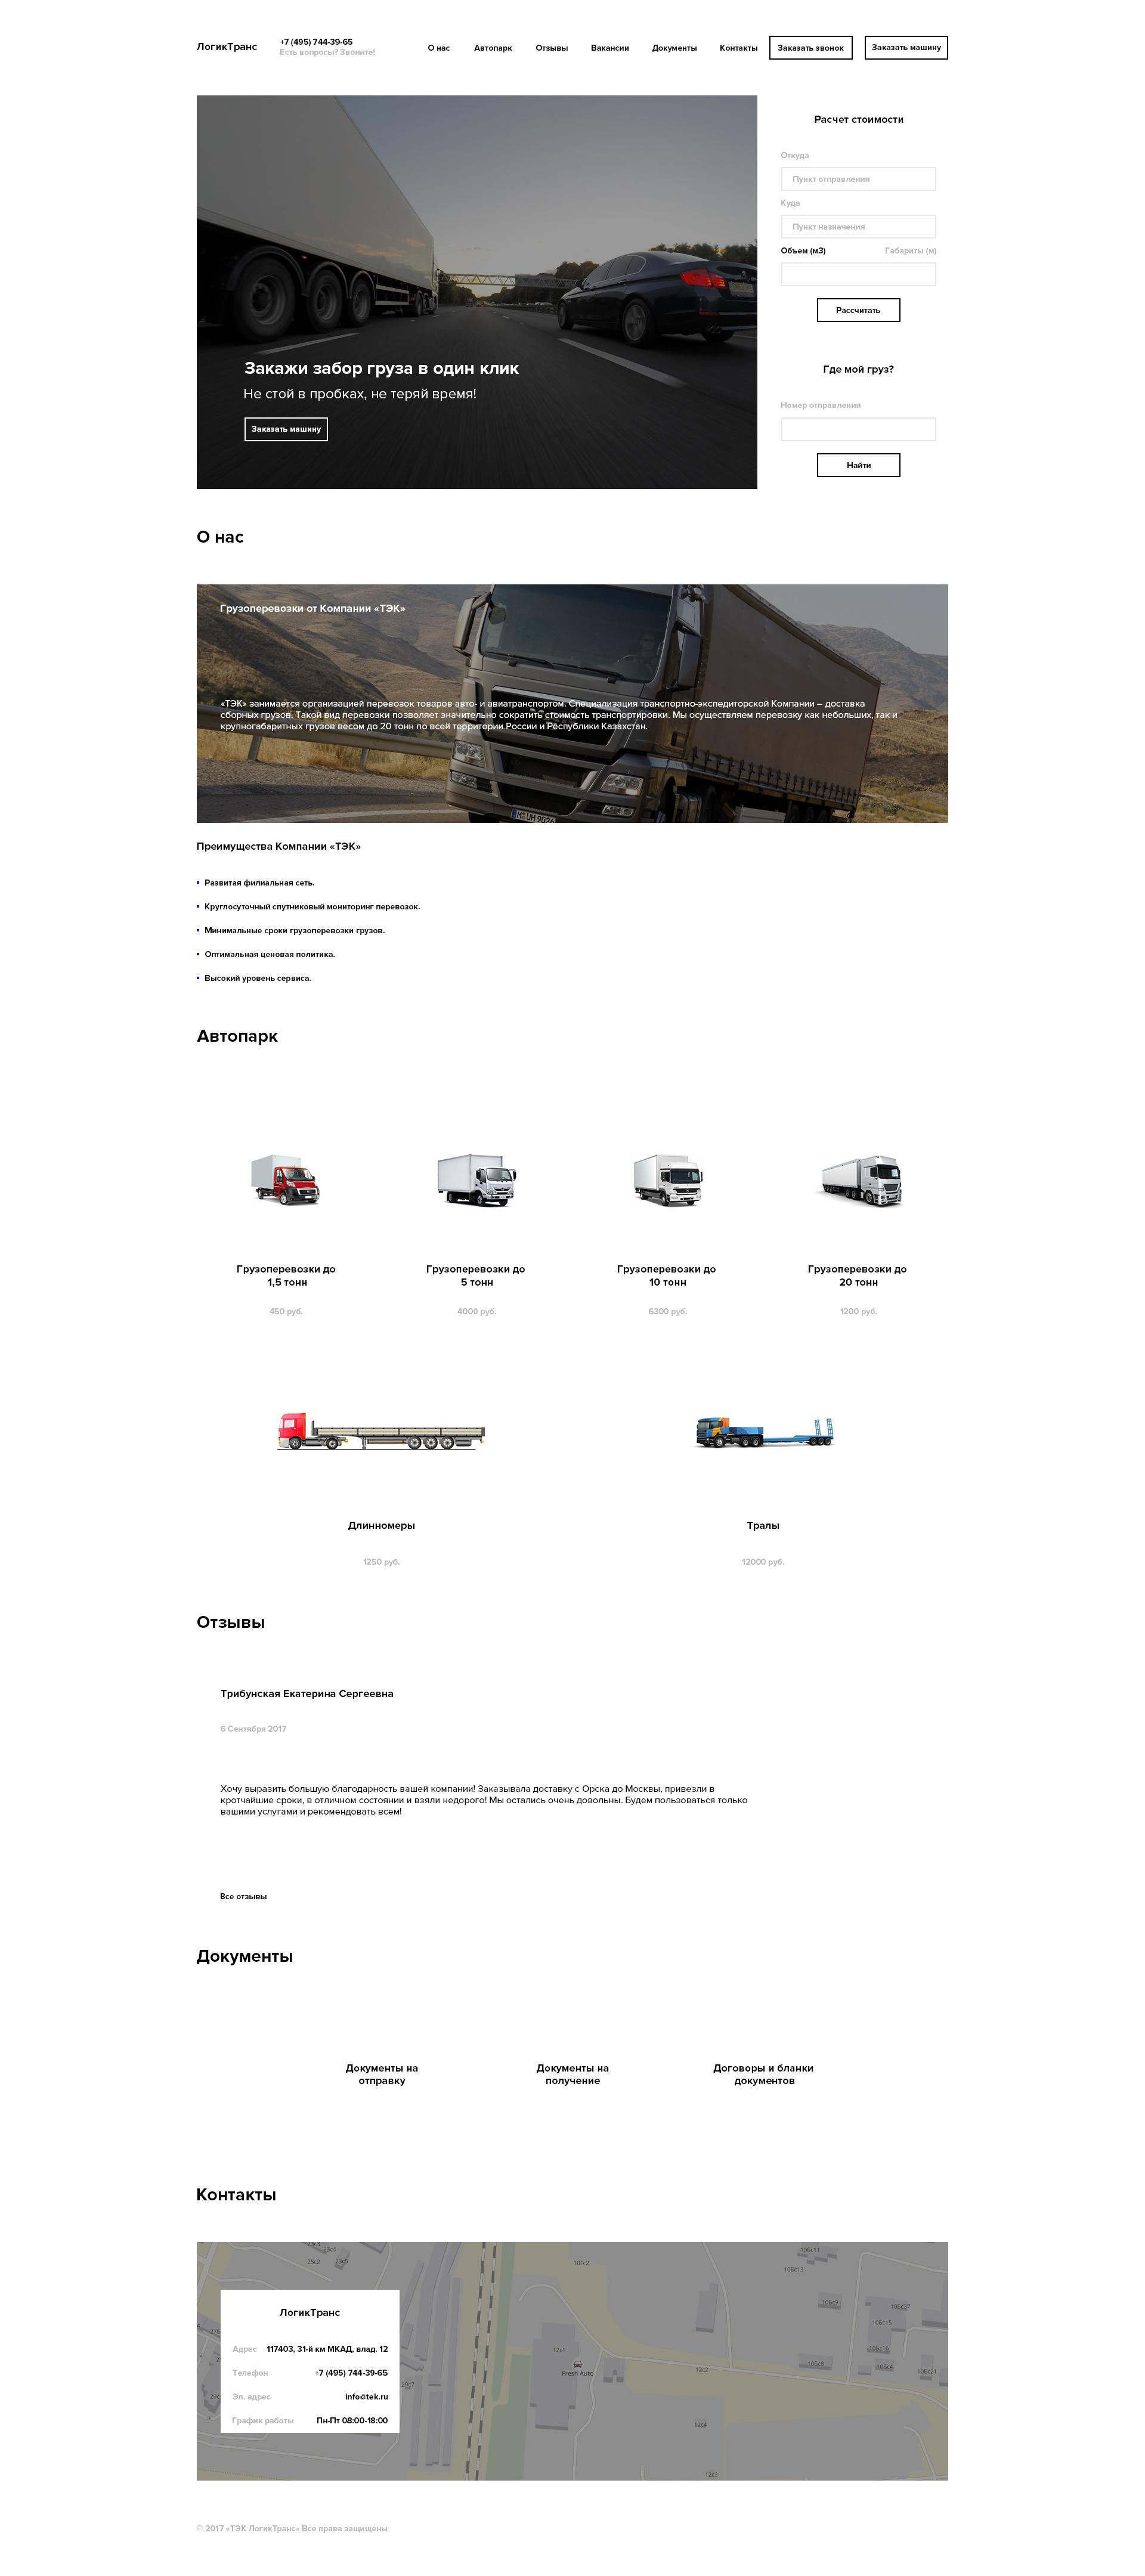 Дизайн сайта транспортно-экспедиторской компании ЛогикТранс фото f_9865a47aa3376a89.jpg